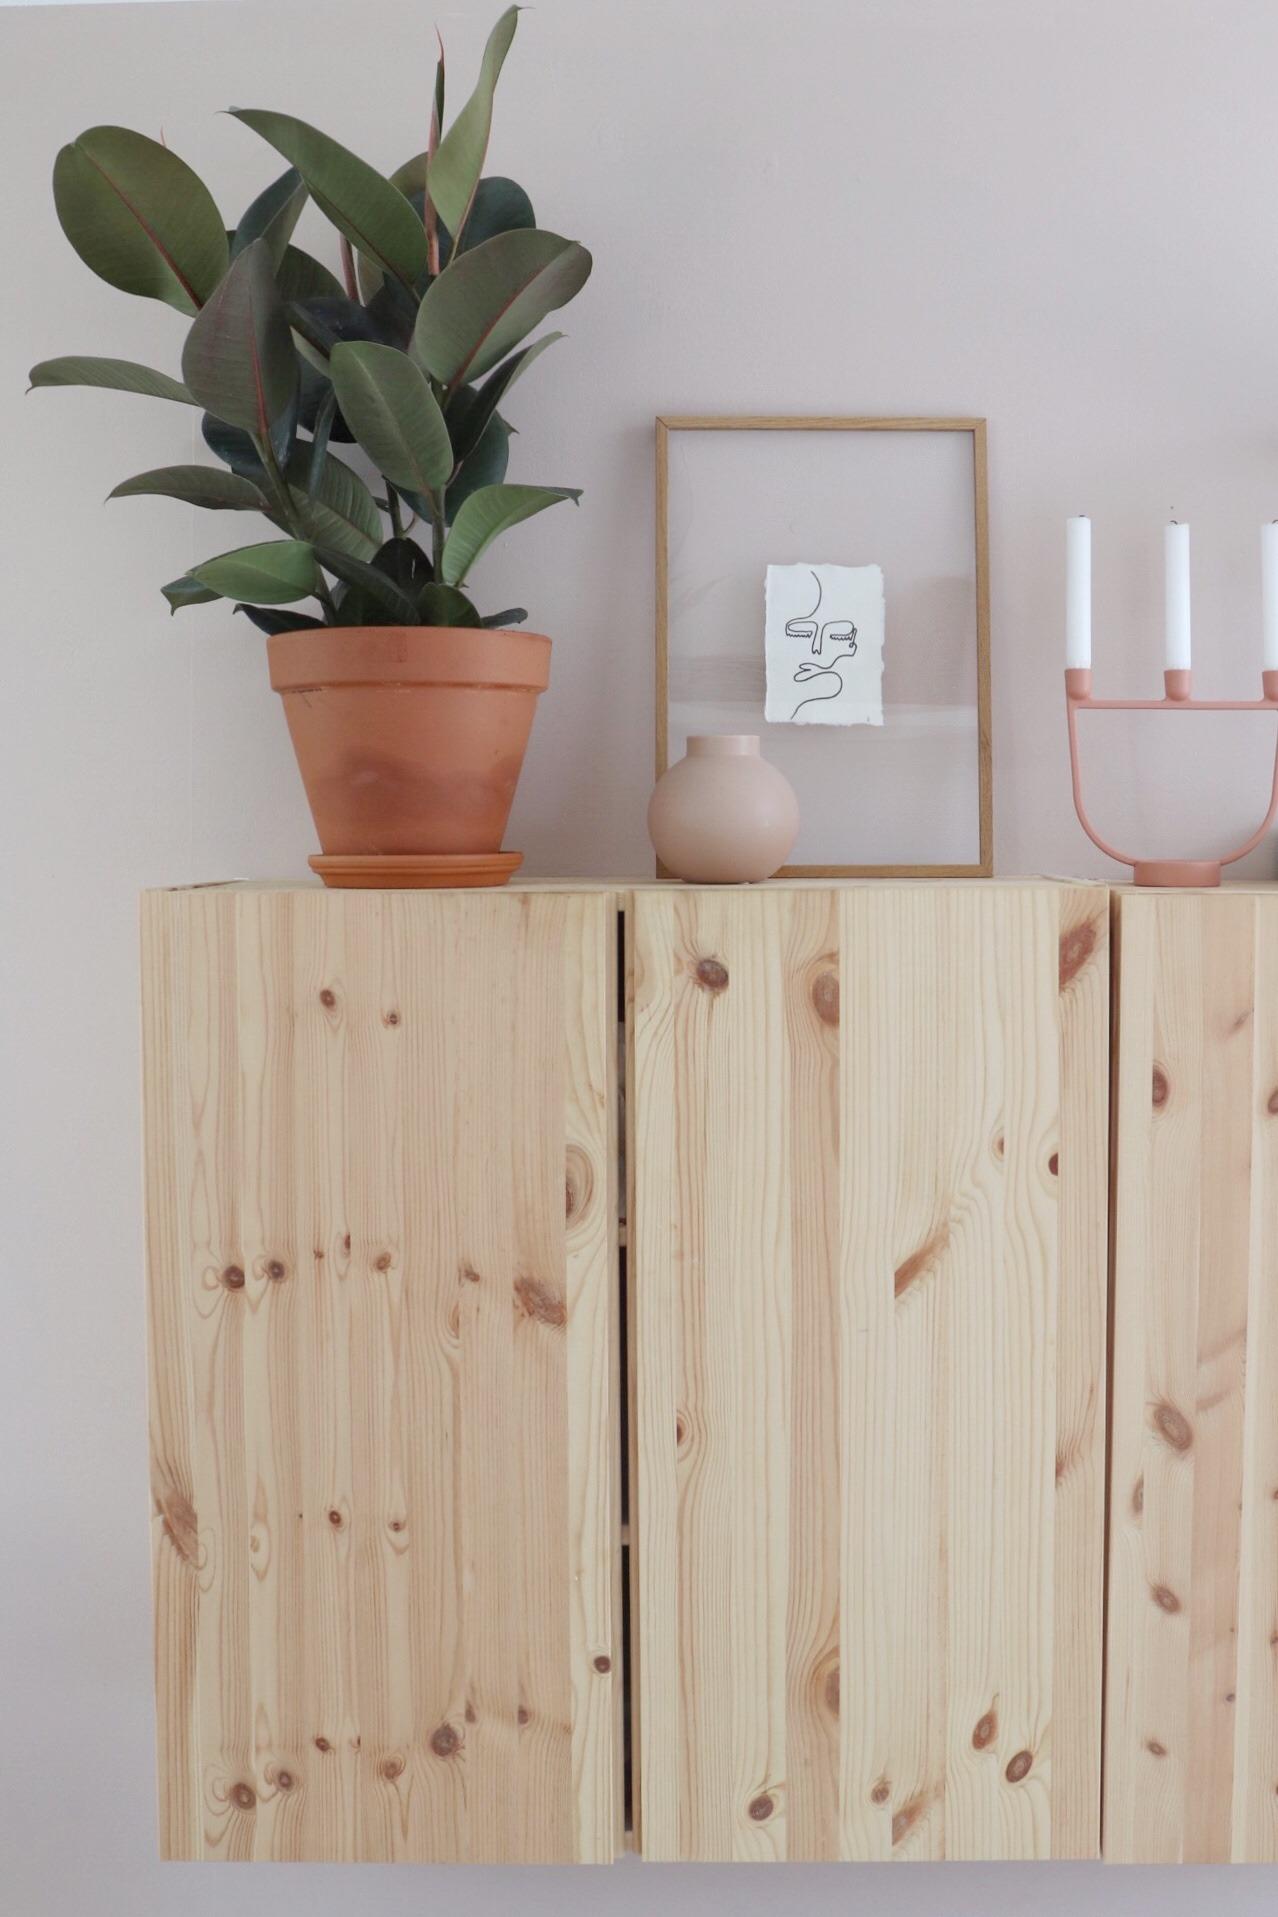 Voeg een ficus (rubberplant) in de woonkamer toe voor sfeer en om een make-over aan de woonkamer te geven